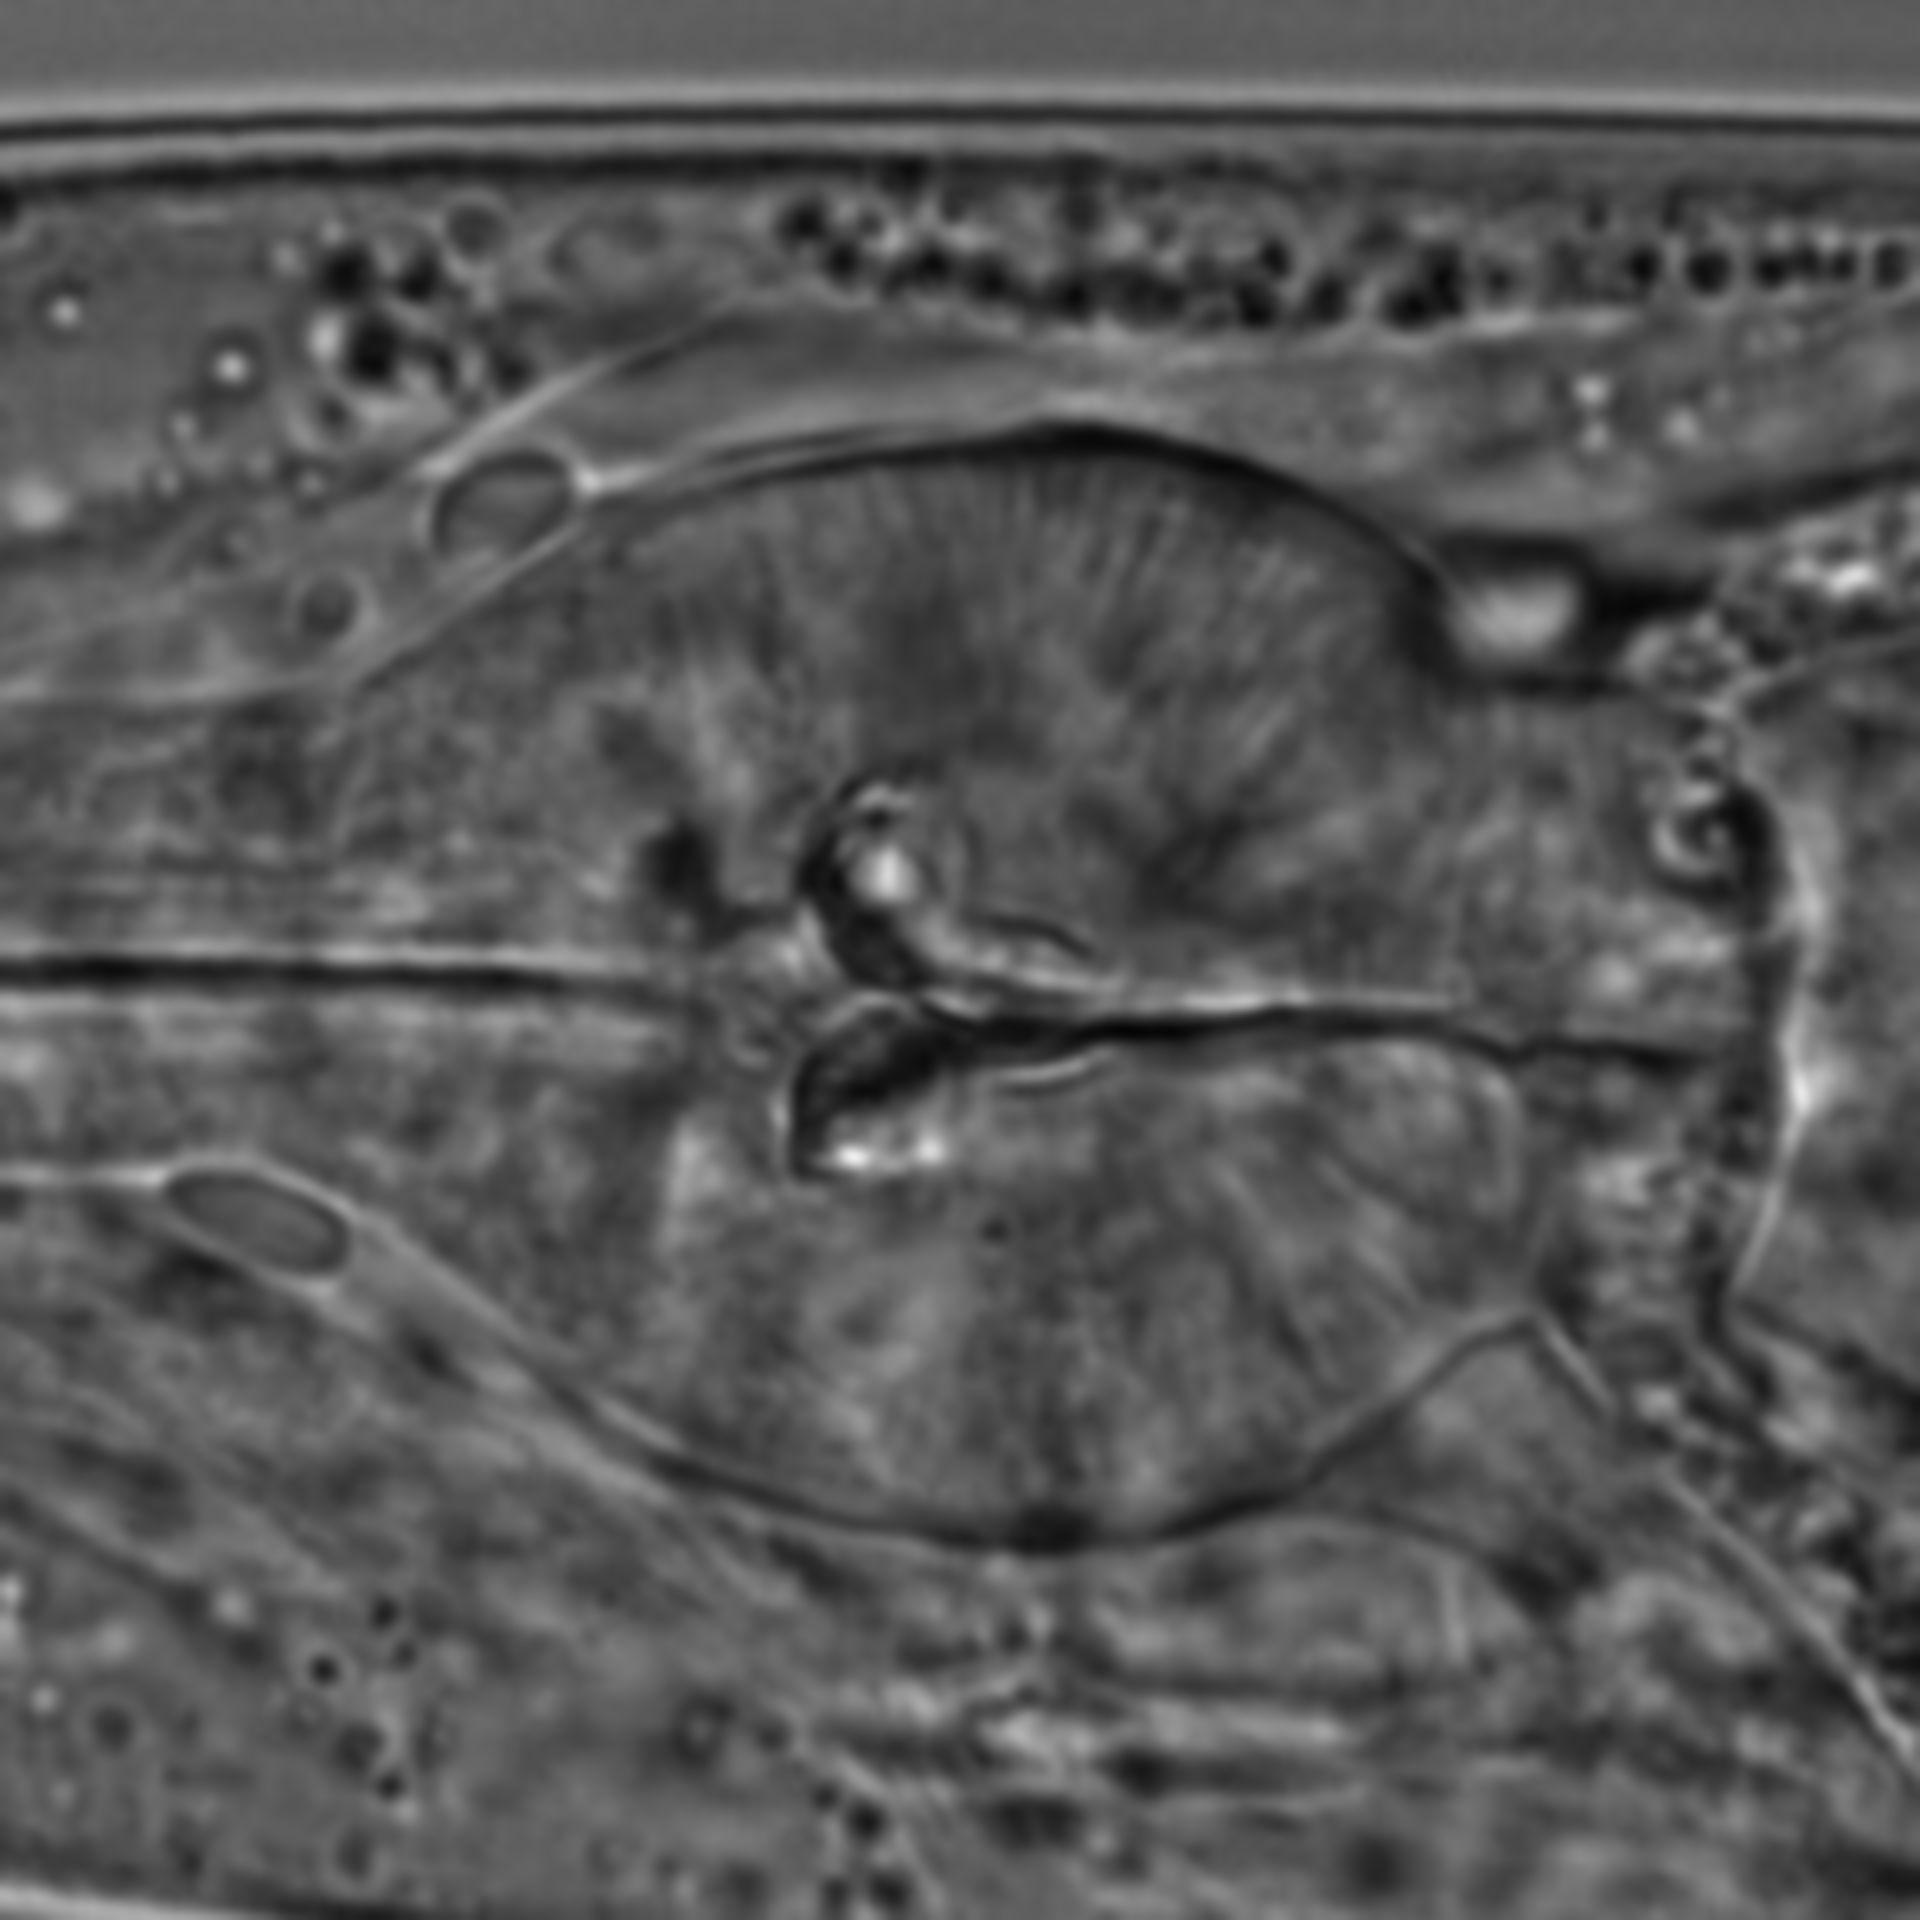 Caenorhabditis elegans - CIL:1596